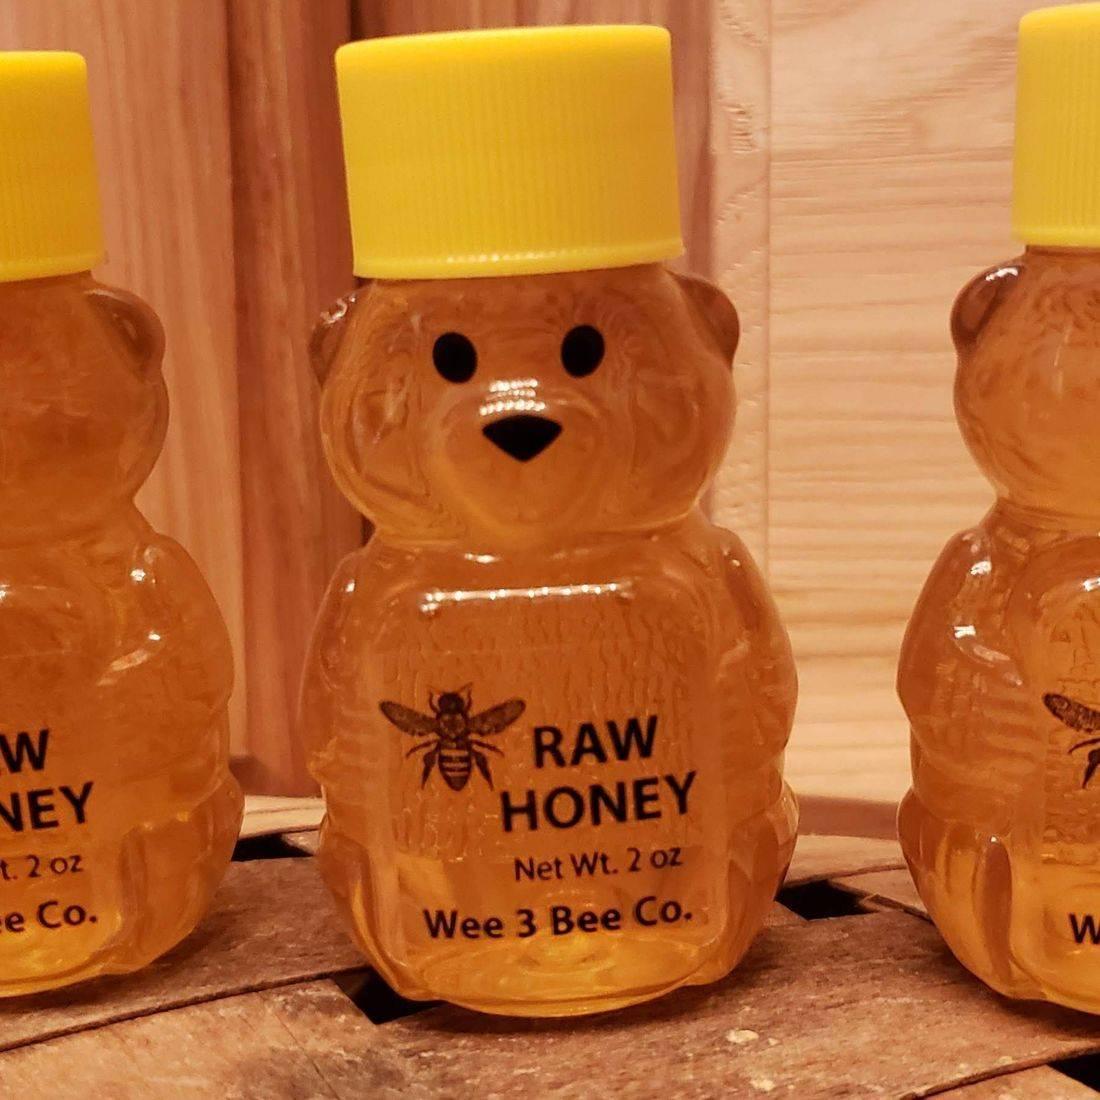 2 oz. Raw Honey